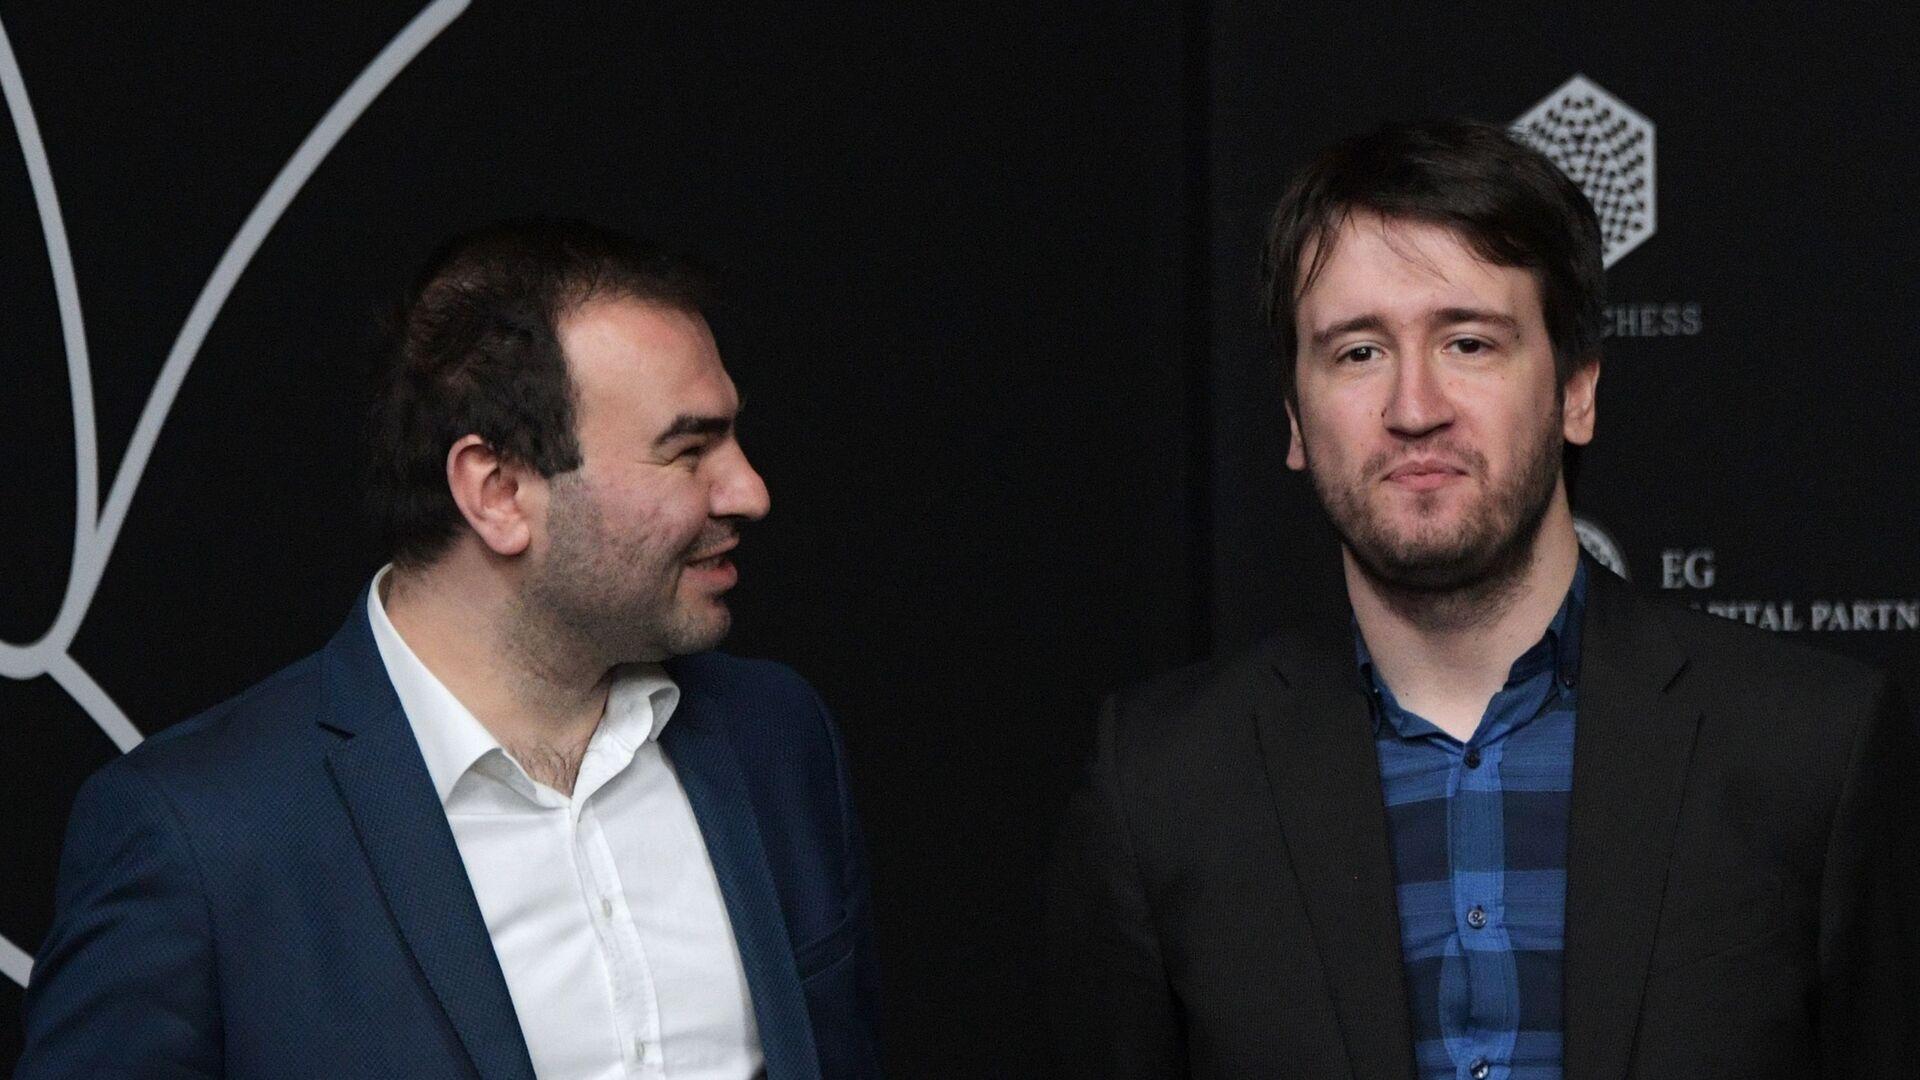 Гроссмейстеры Шахрияр Мамедъяров и Теймур Раджабов - Sputnik Азербайджан, 1920, 13.10.2021